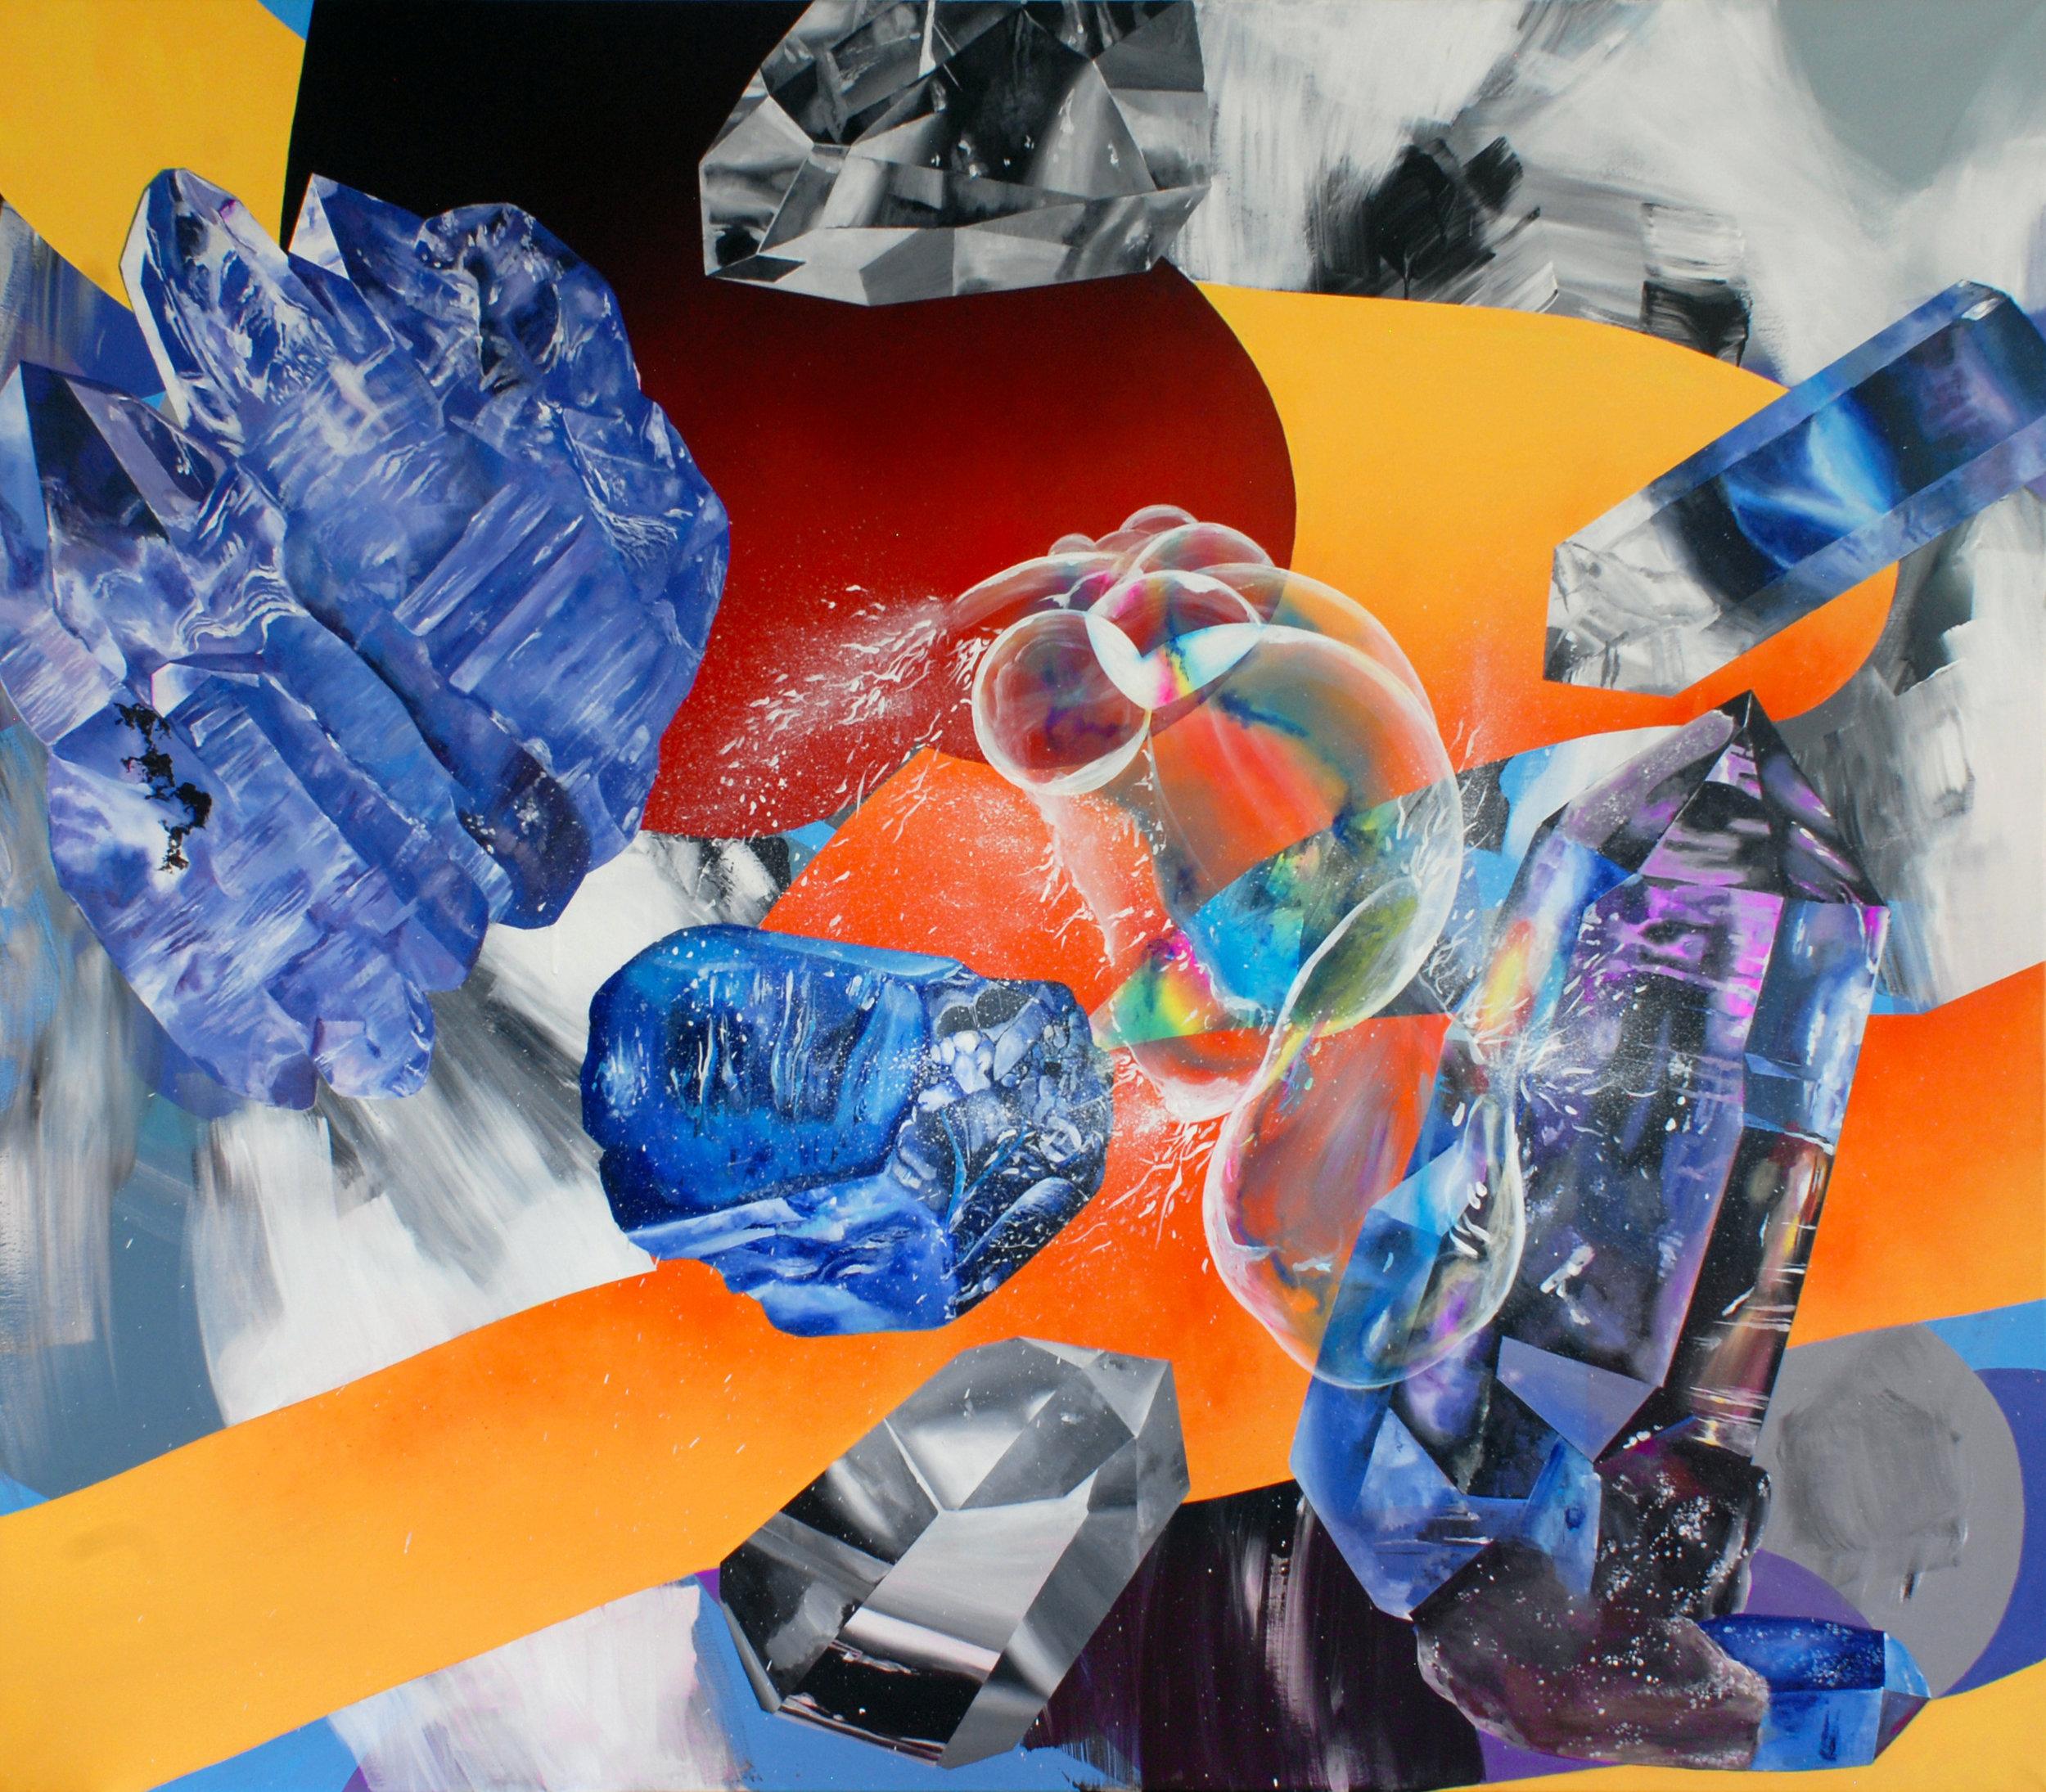 Lucia Horvátová - Egos can be fragile - 2016 - 160x190cm - acrylic on canvas (1).jpg